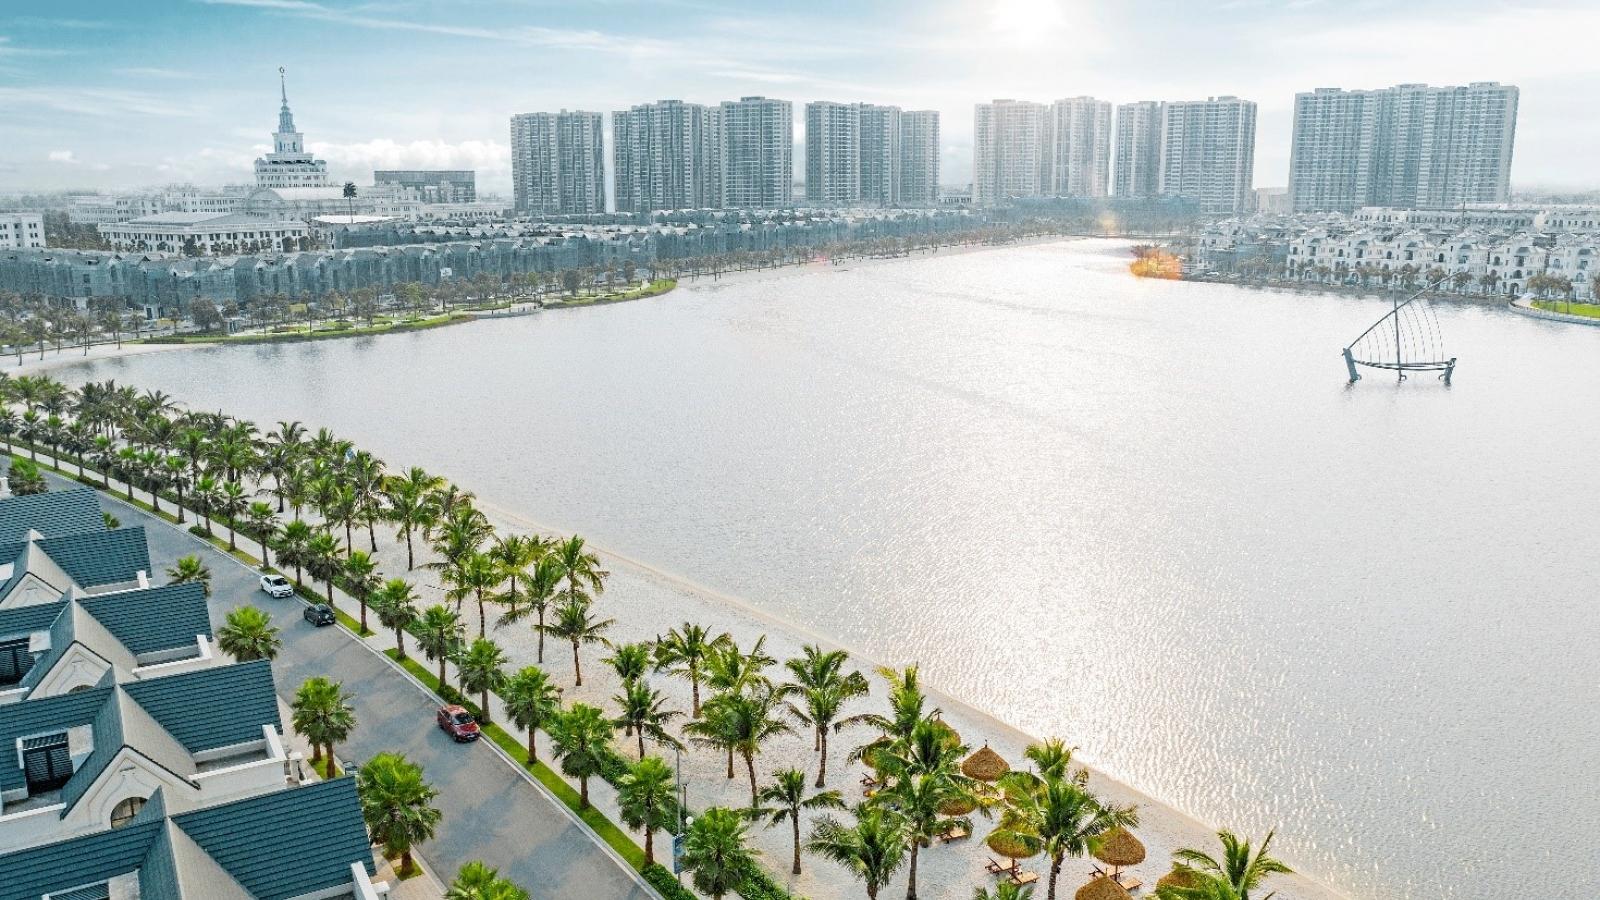 Đa trung tâm - Mô hình phát triển tất yếu của Hà Nội trong 5 năm tới